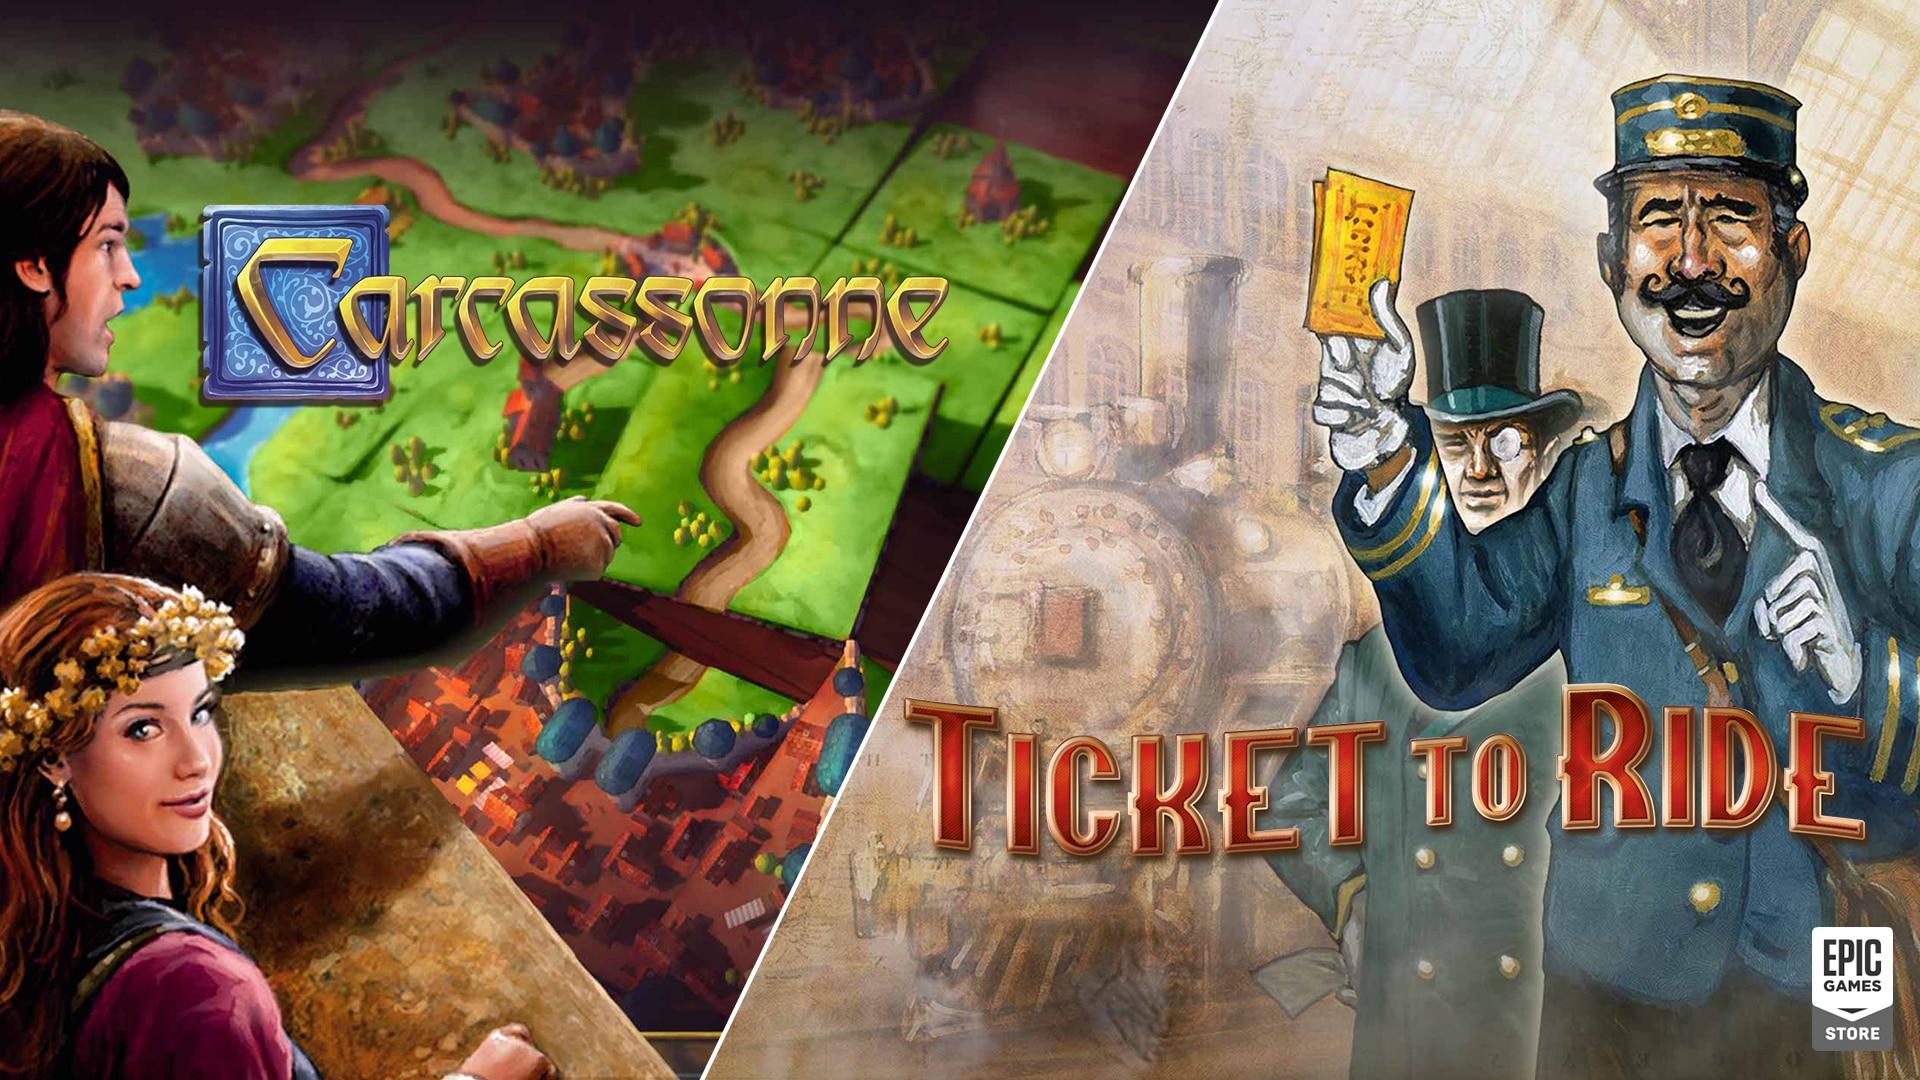 Epic免费领取《卡卡颂》与《车票之旅》